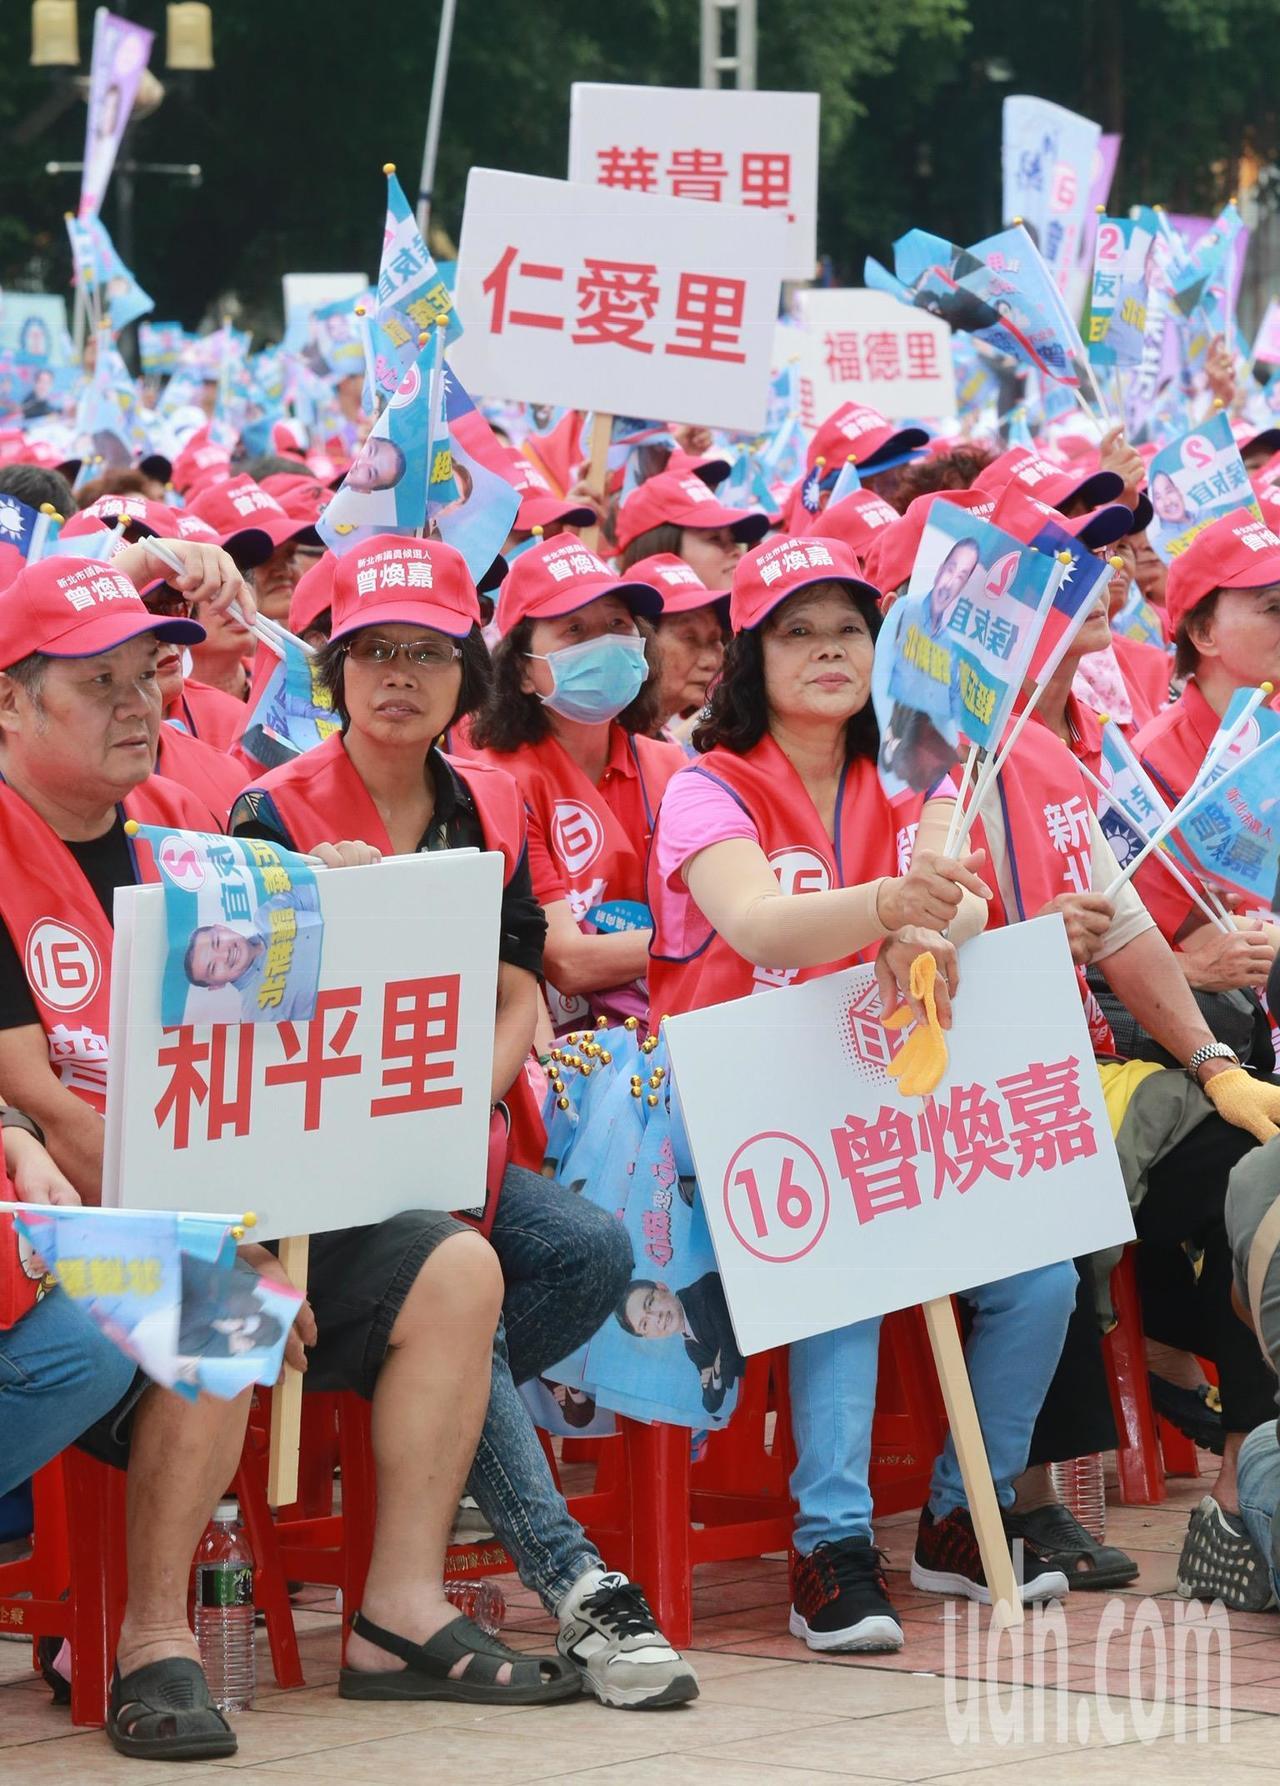 動員鄰里群眾的到場支援,加強選戰氣勢。記者黃義書/攝影